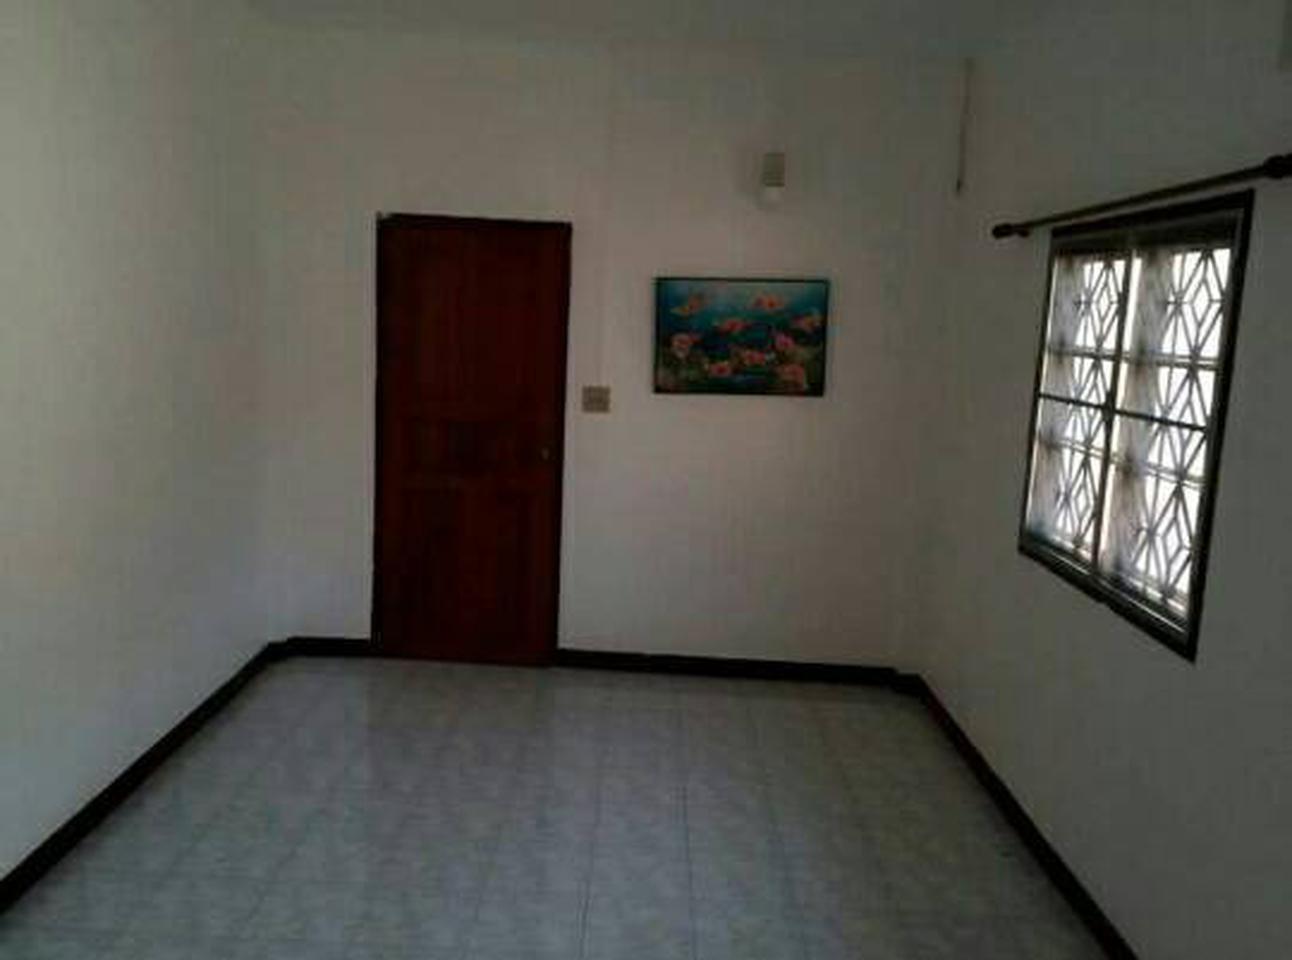 ขายเช่า บ้านเดี่ยวราคาถูก รูปที่ 1